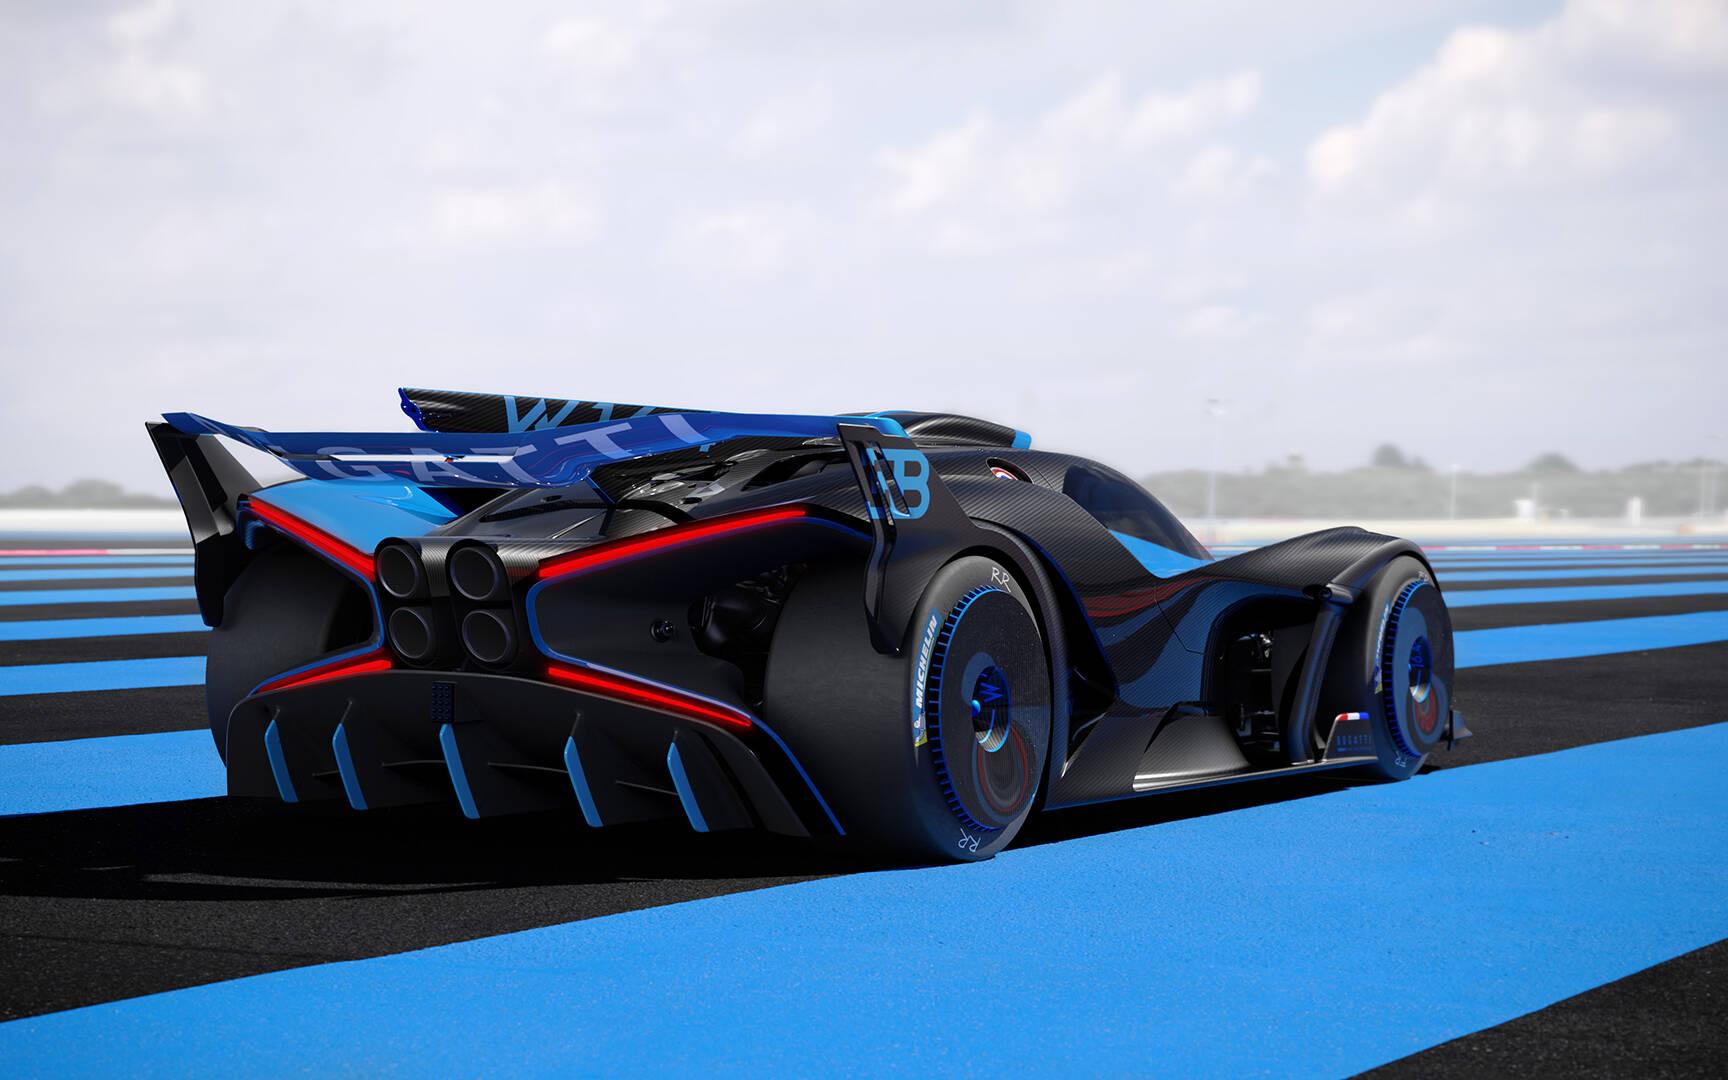 447859-bugatti-bolide-un-concept-d-hypersportive-absolument-dementiel.jpeg